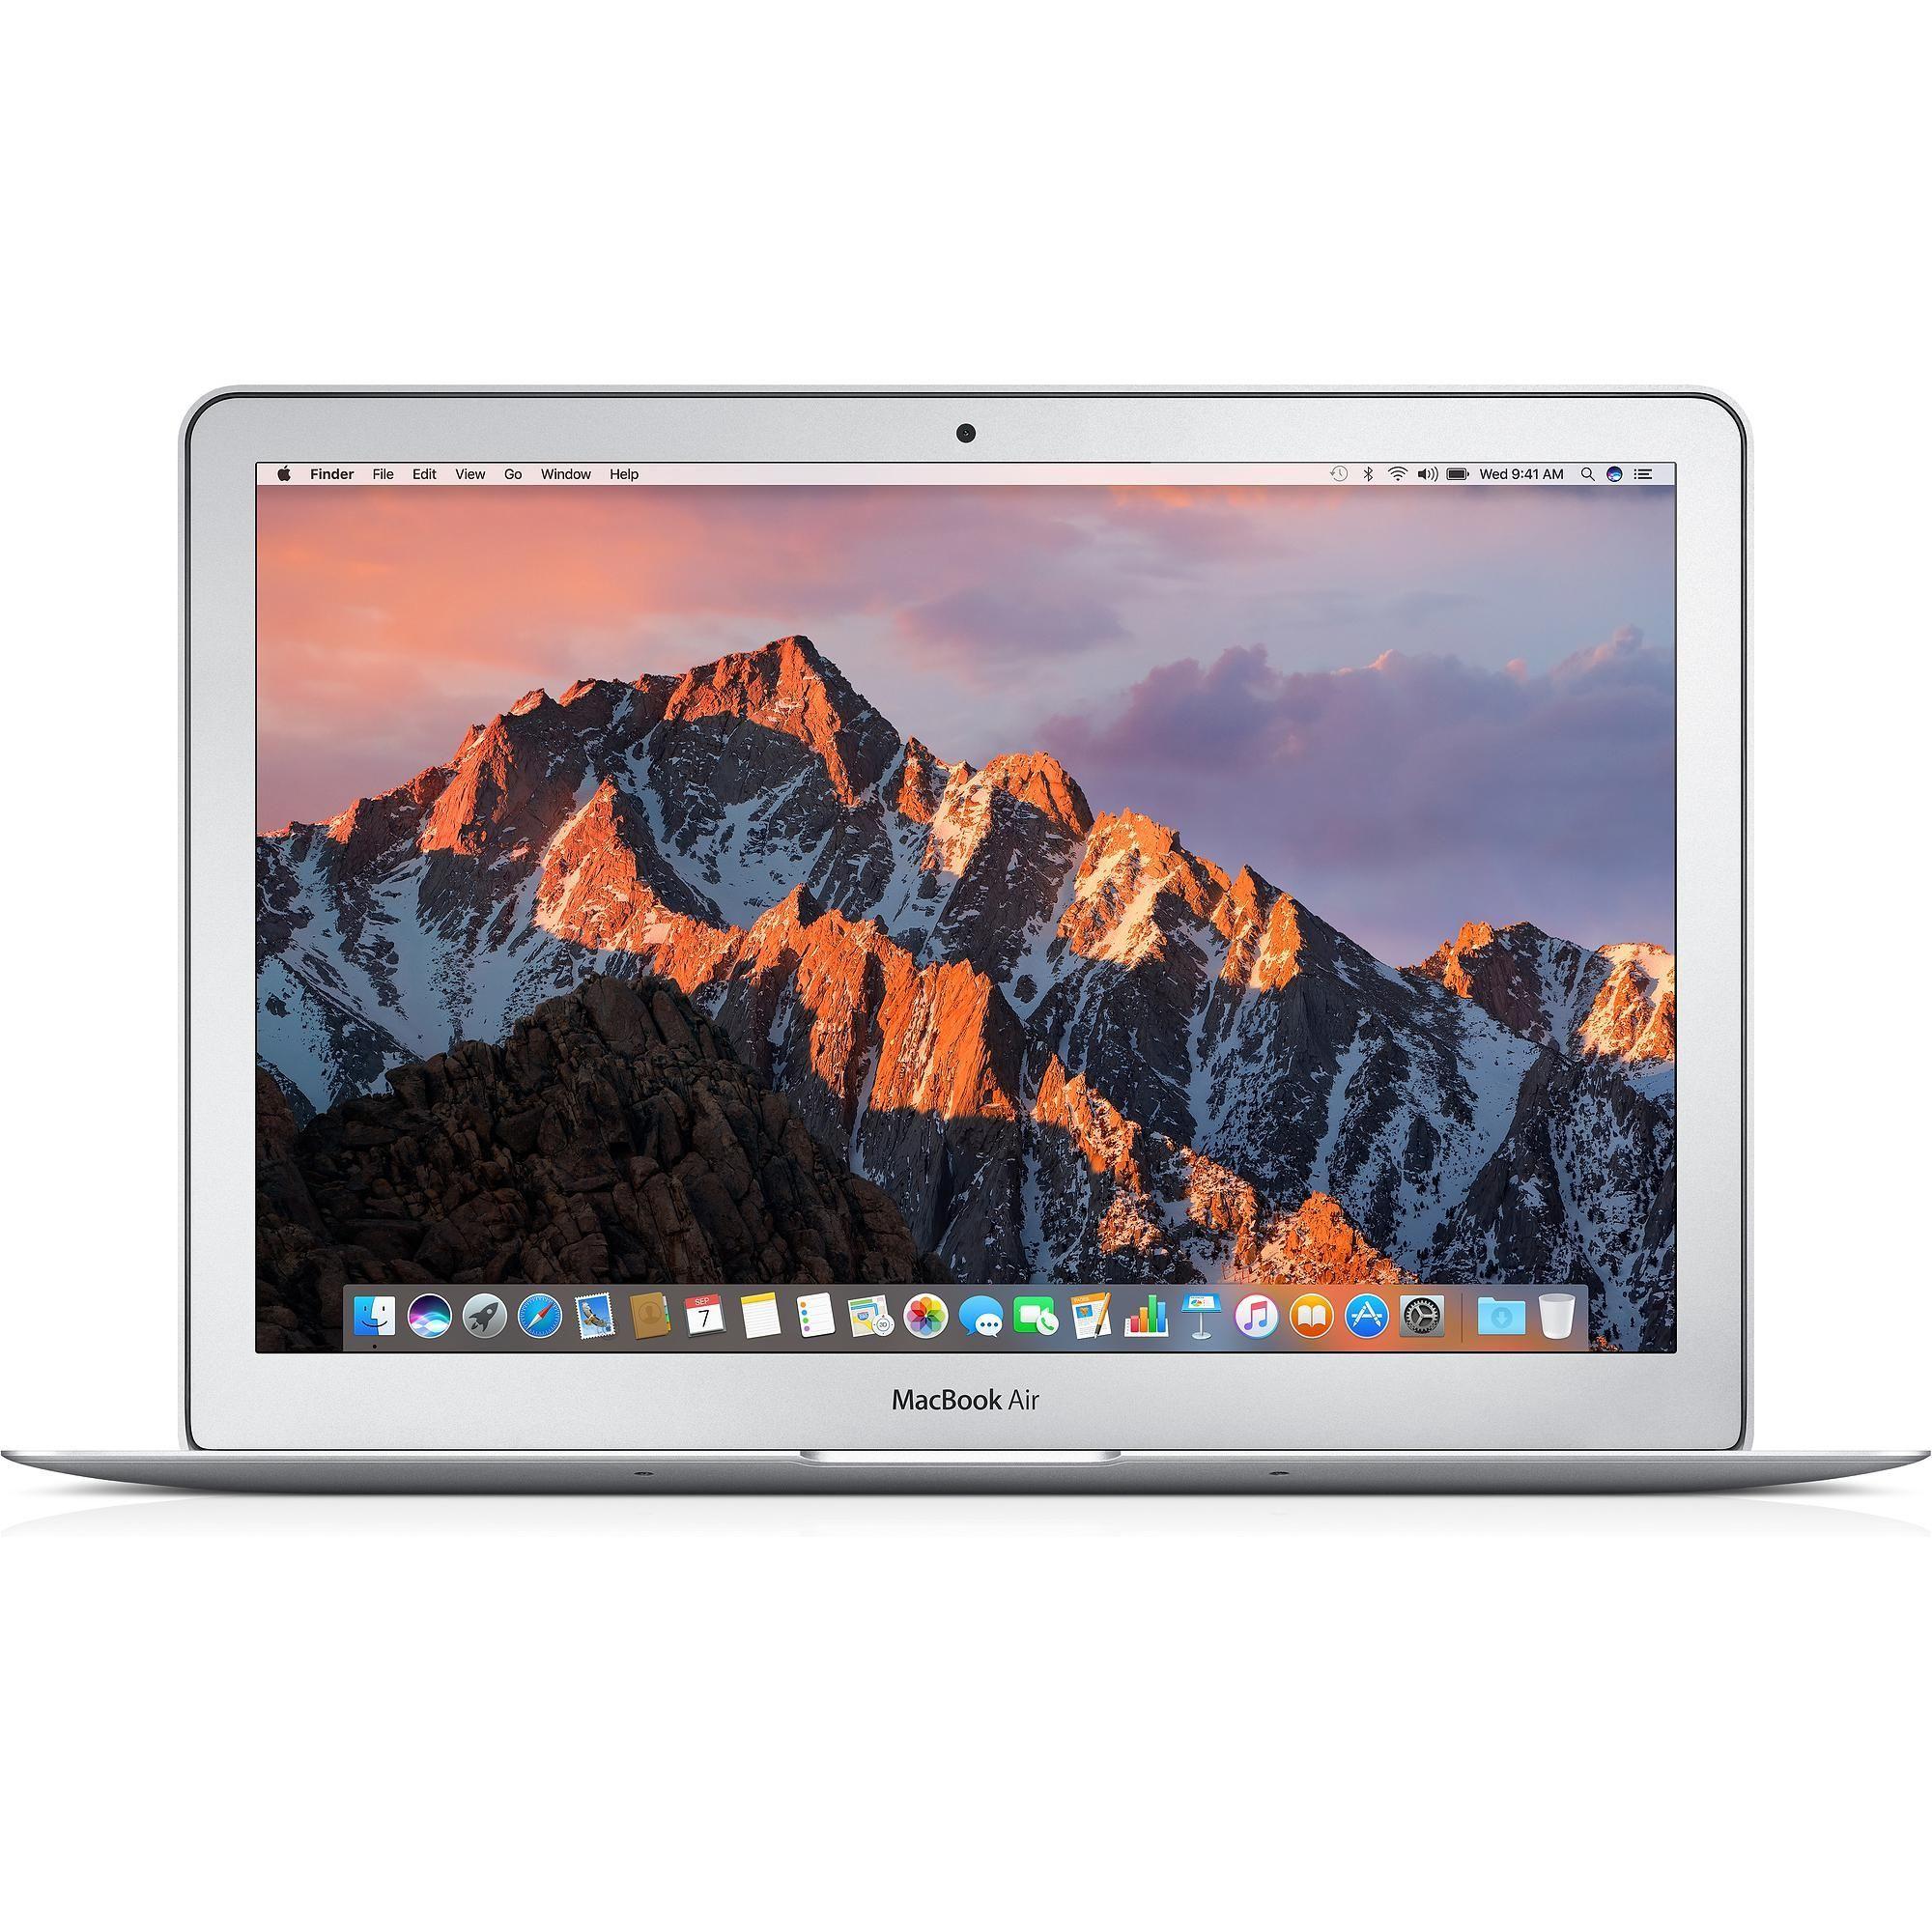 MacBook Air 13.3inch (June 2017) Core i5 8GB SSD